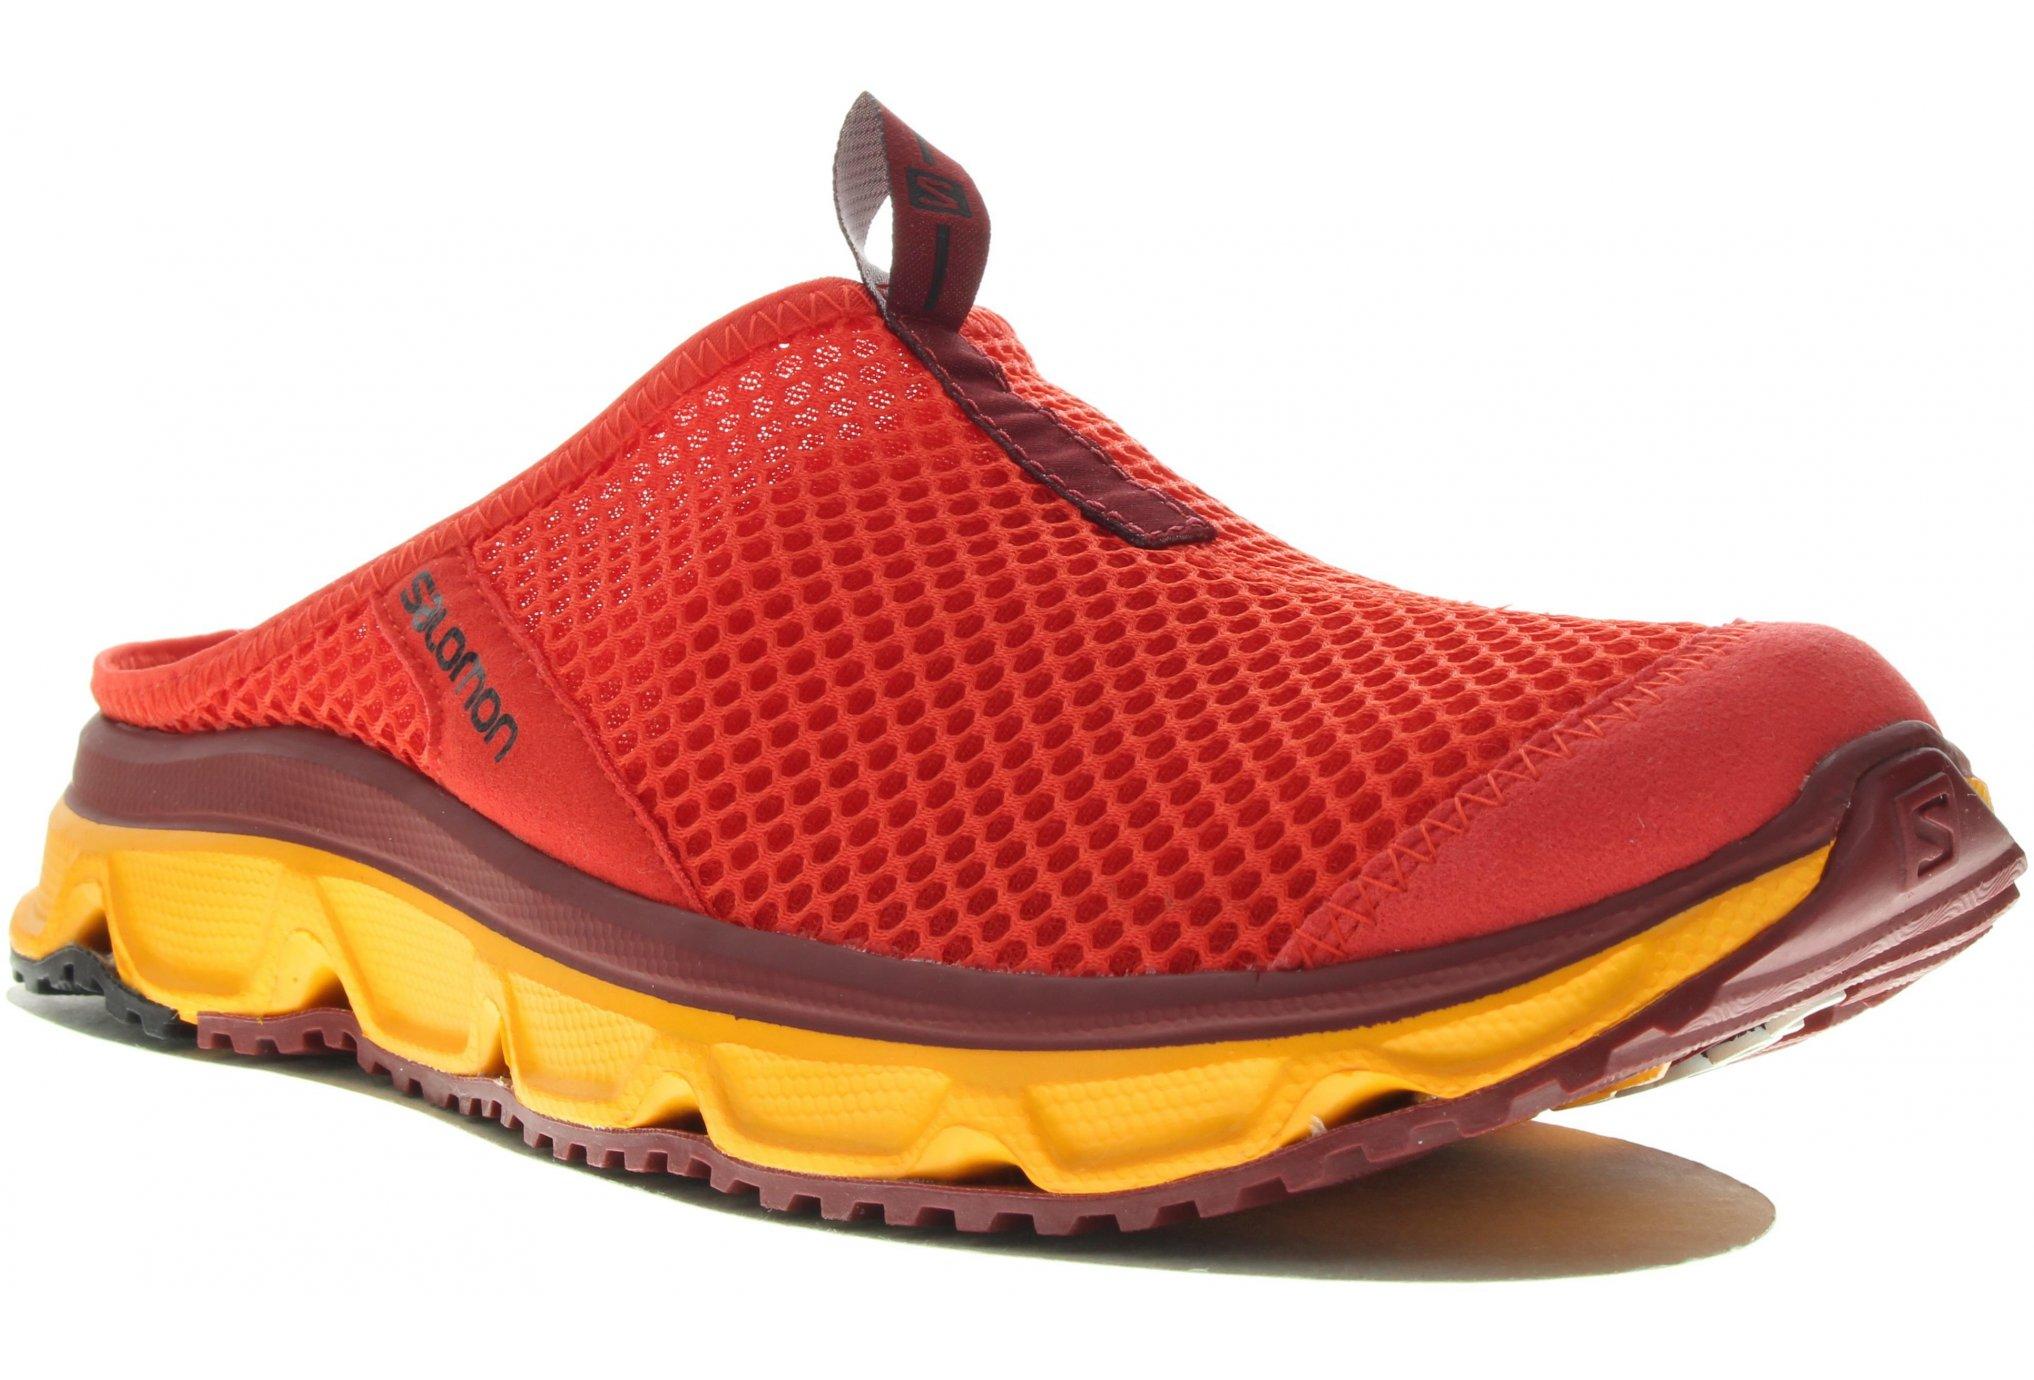 Rx Slide 0 Trail Chaussures 3 Homme M Session Salomon pzSUMV